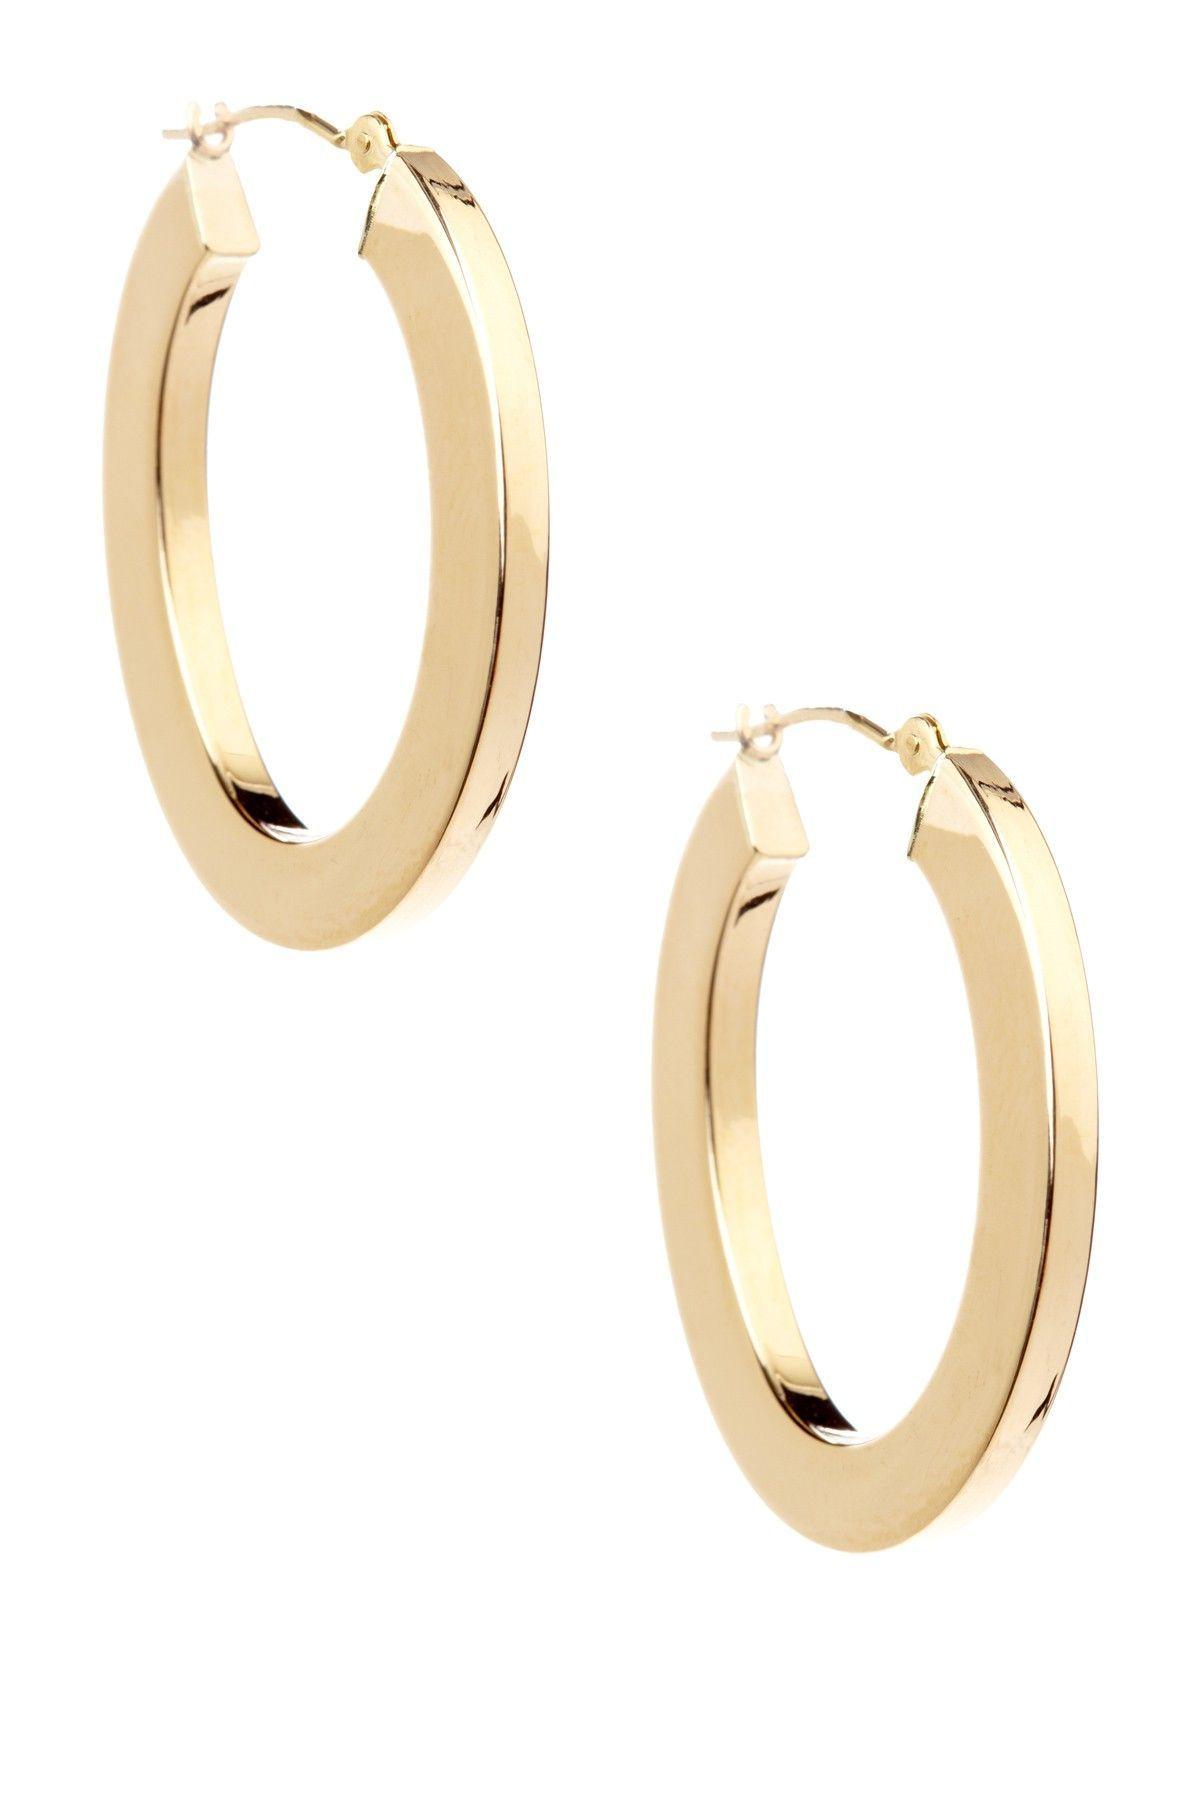 14k Yellow Gold Flat Oval Hoop Earrings Diamond